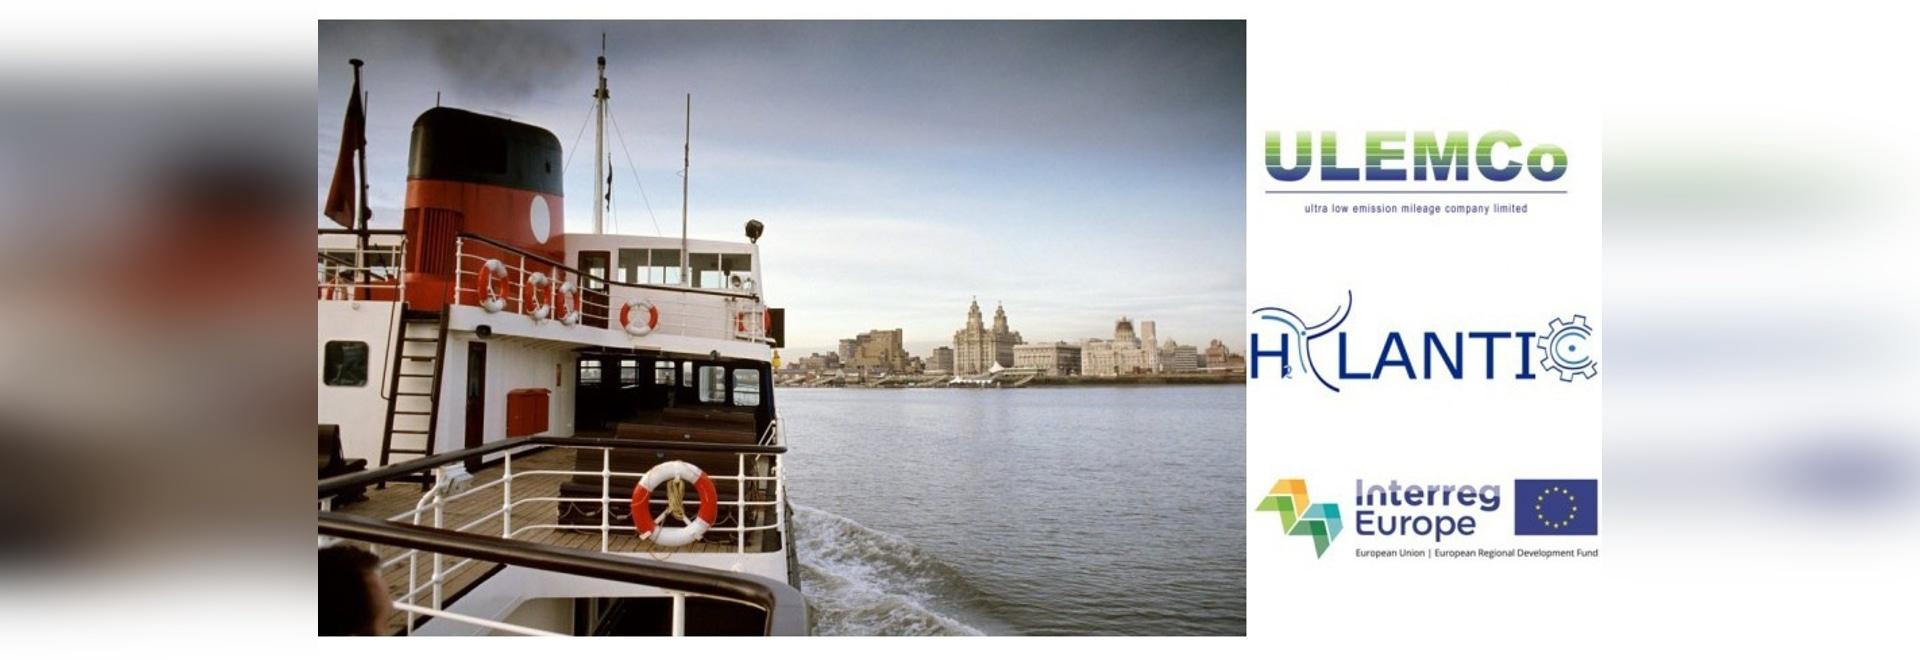 ULEMCo developing hydrogen fuelled marine engine